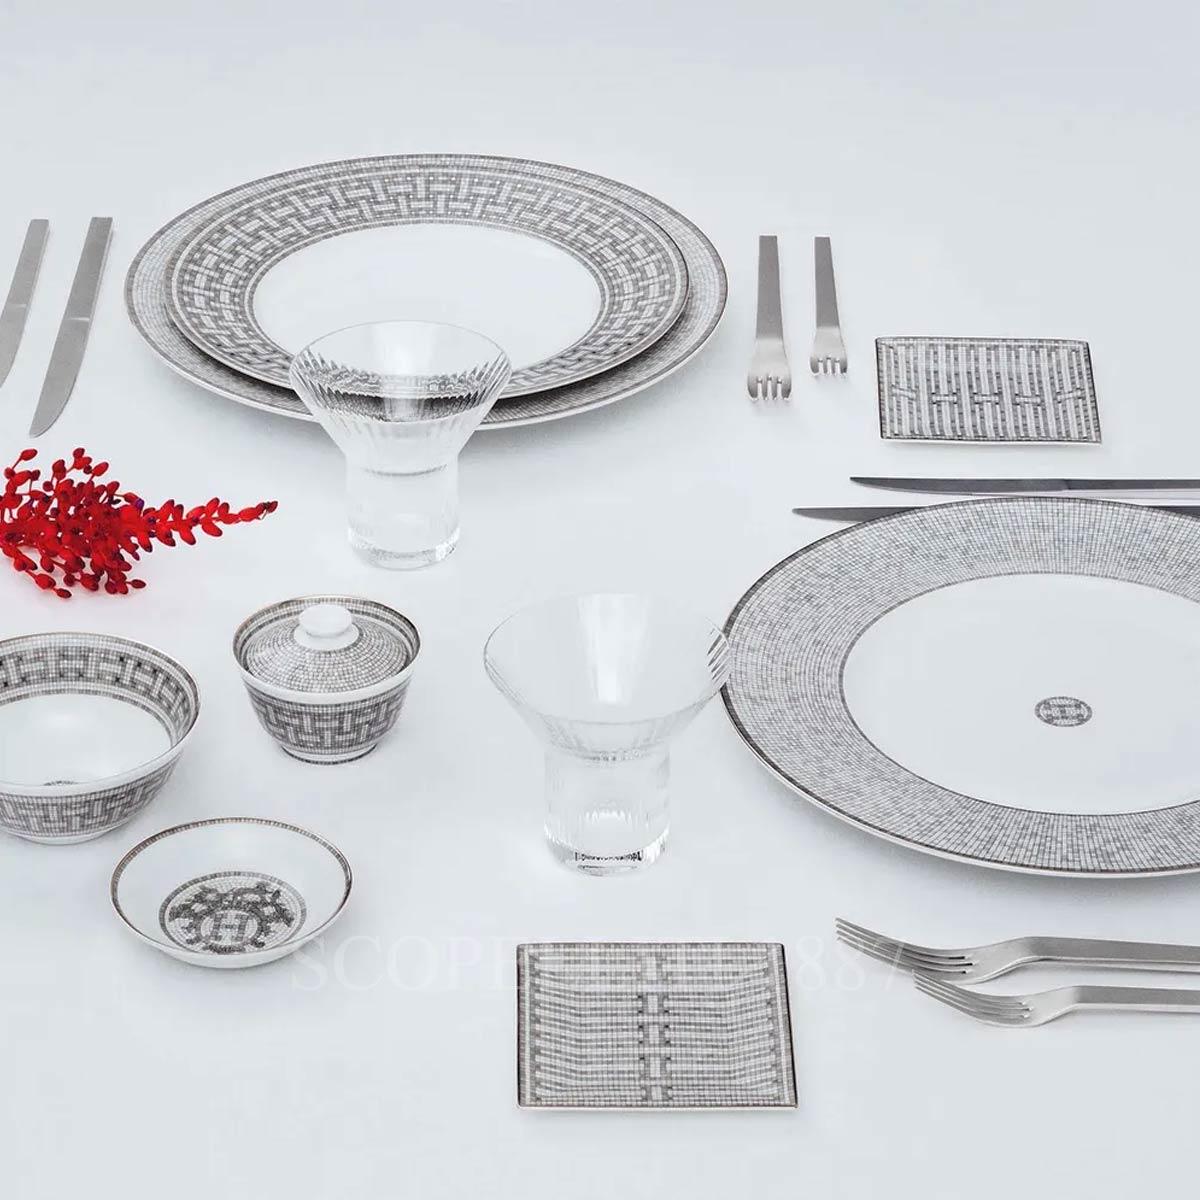 hermes yacht tableware